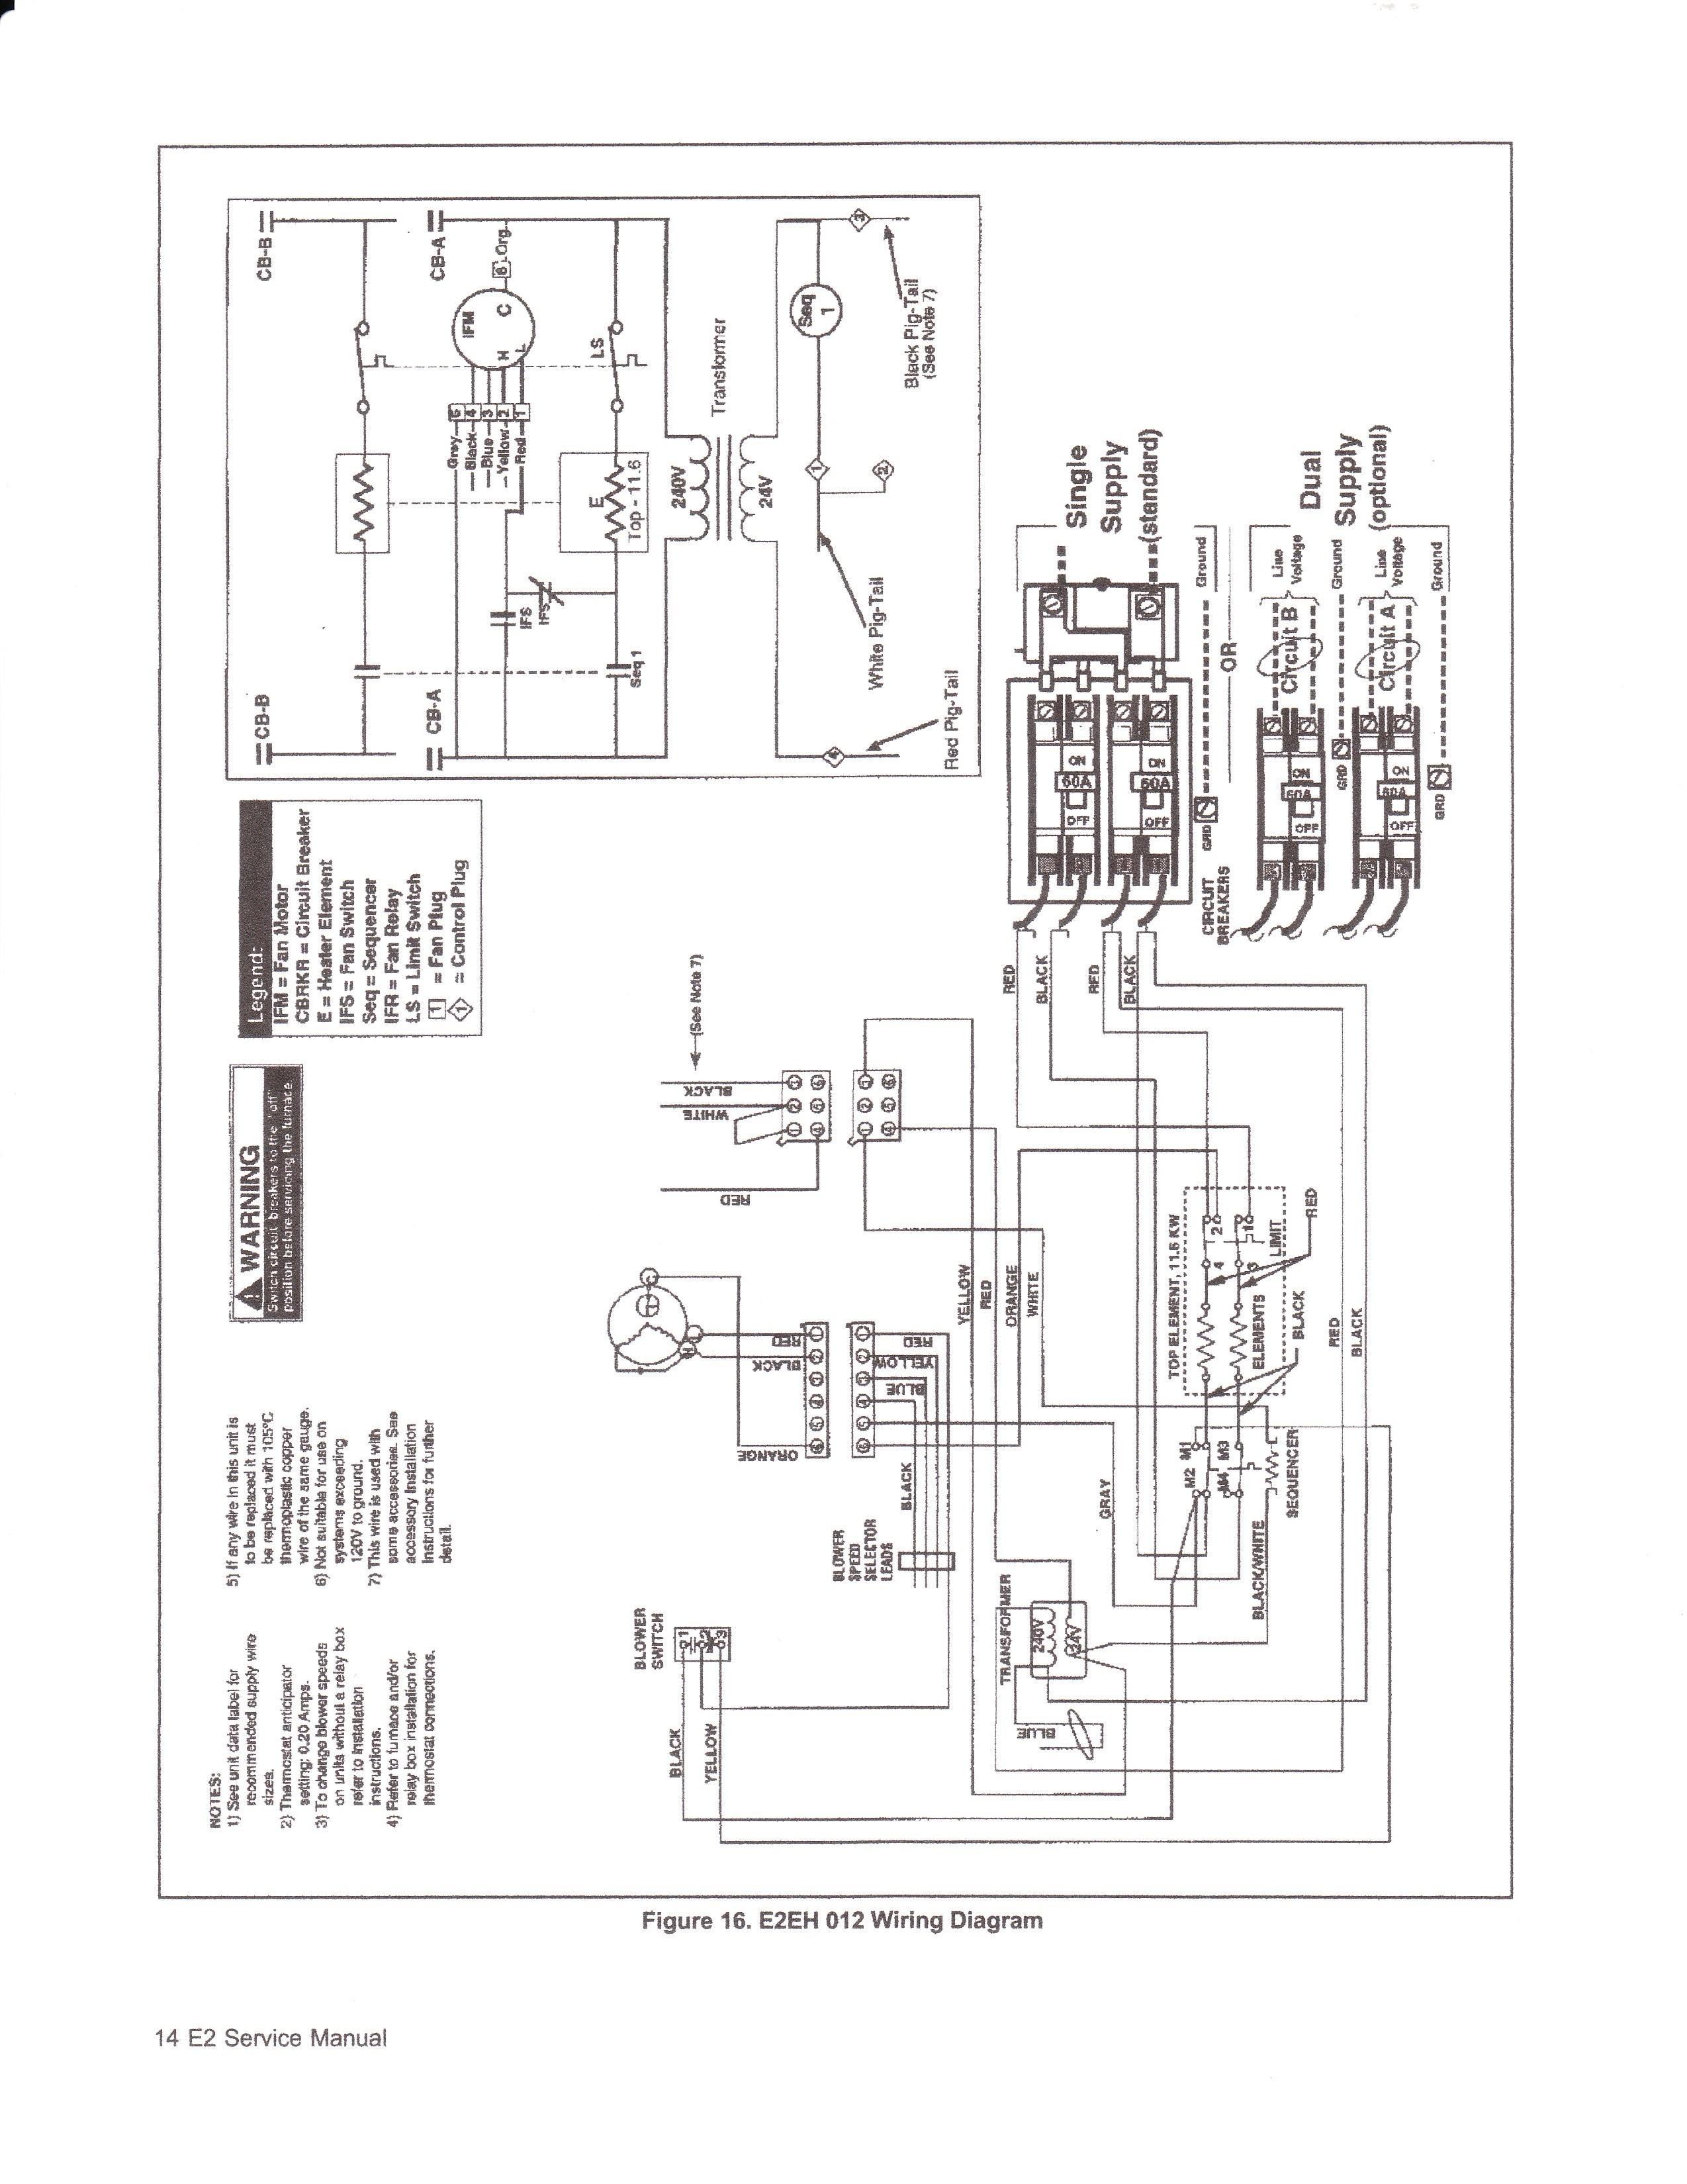 nordyne logo www topsimages com nordyne gas furnace wiring diagram gibson  hvac wiring diagram new nordyne